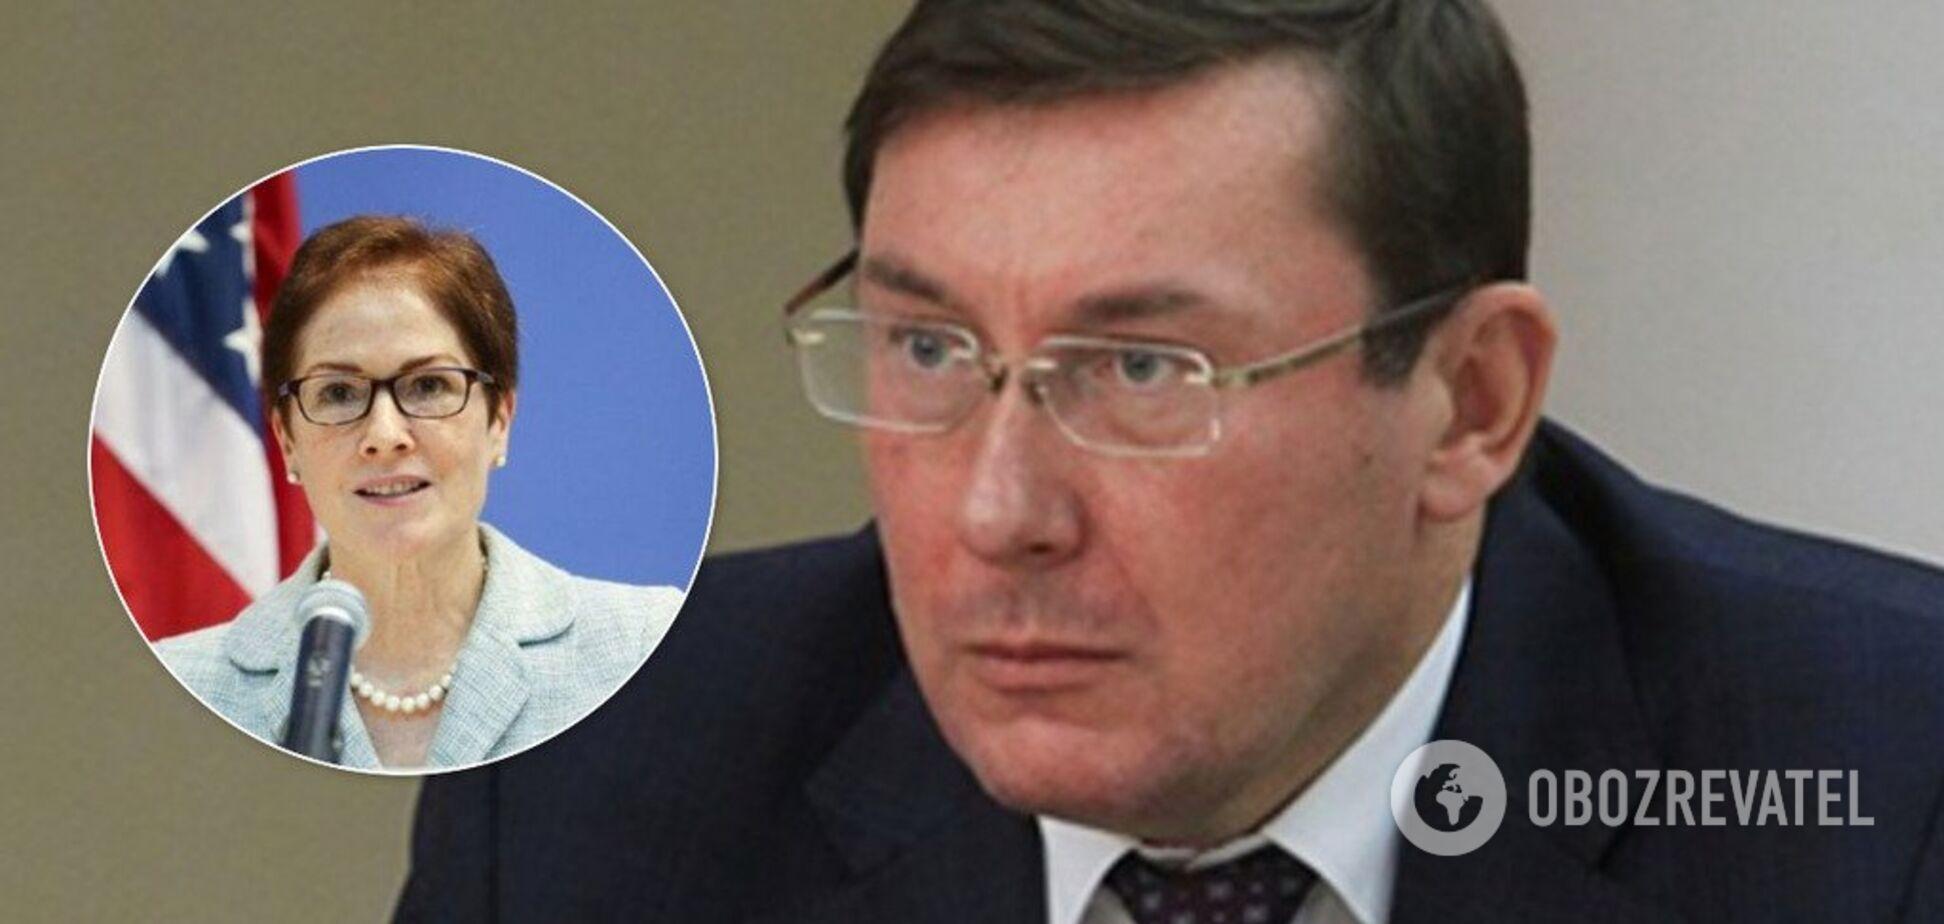 'Она лжет!' Луценко выдвинул громкие обвинения Йованович